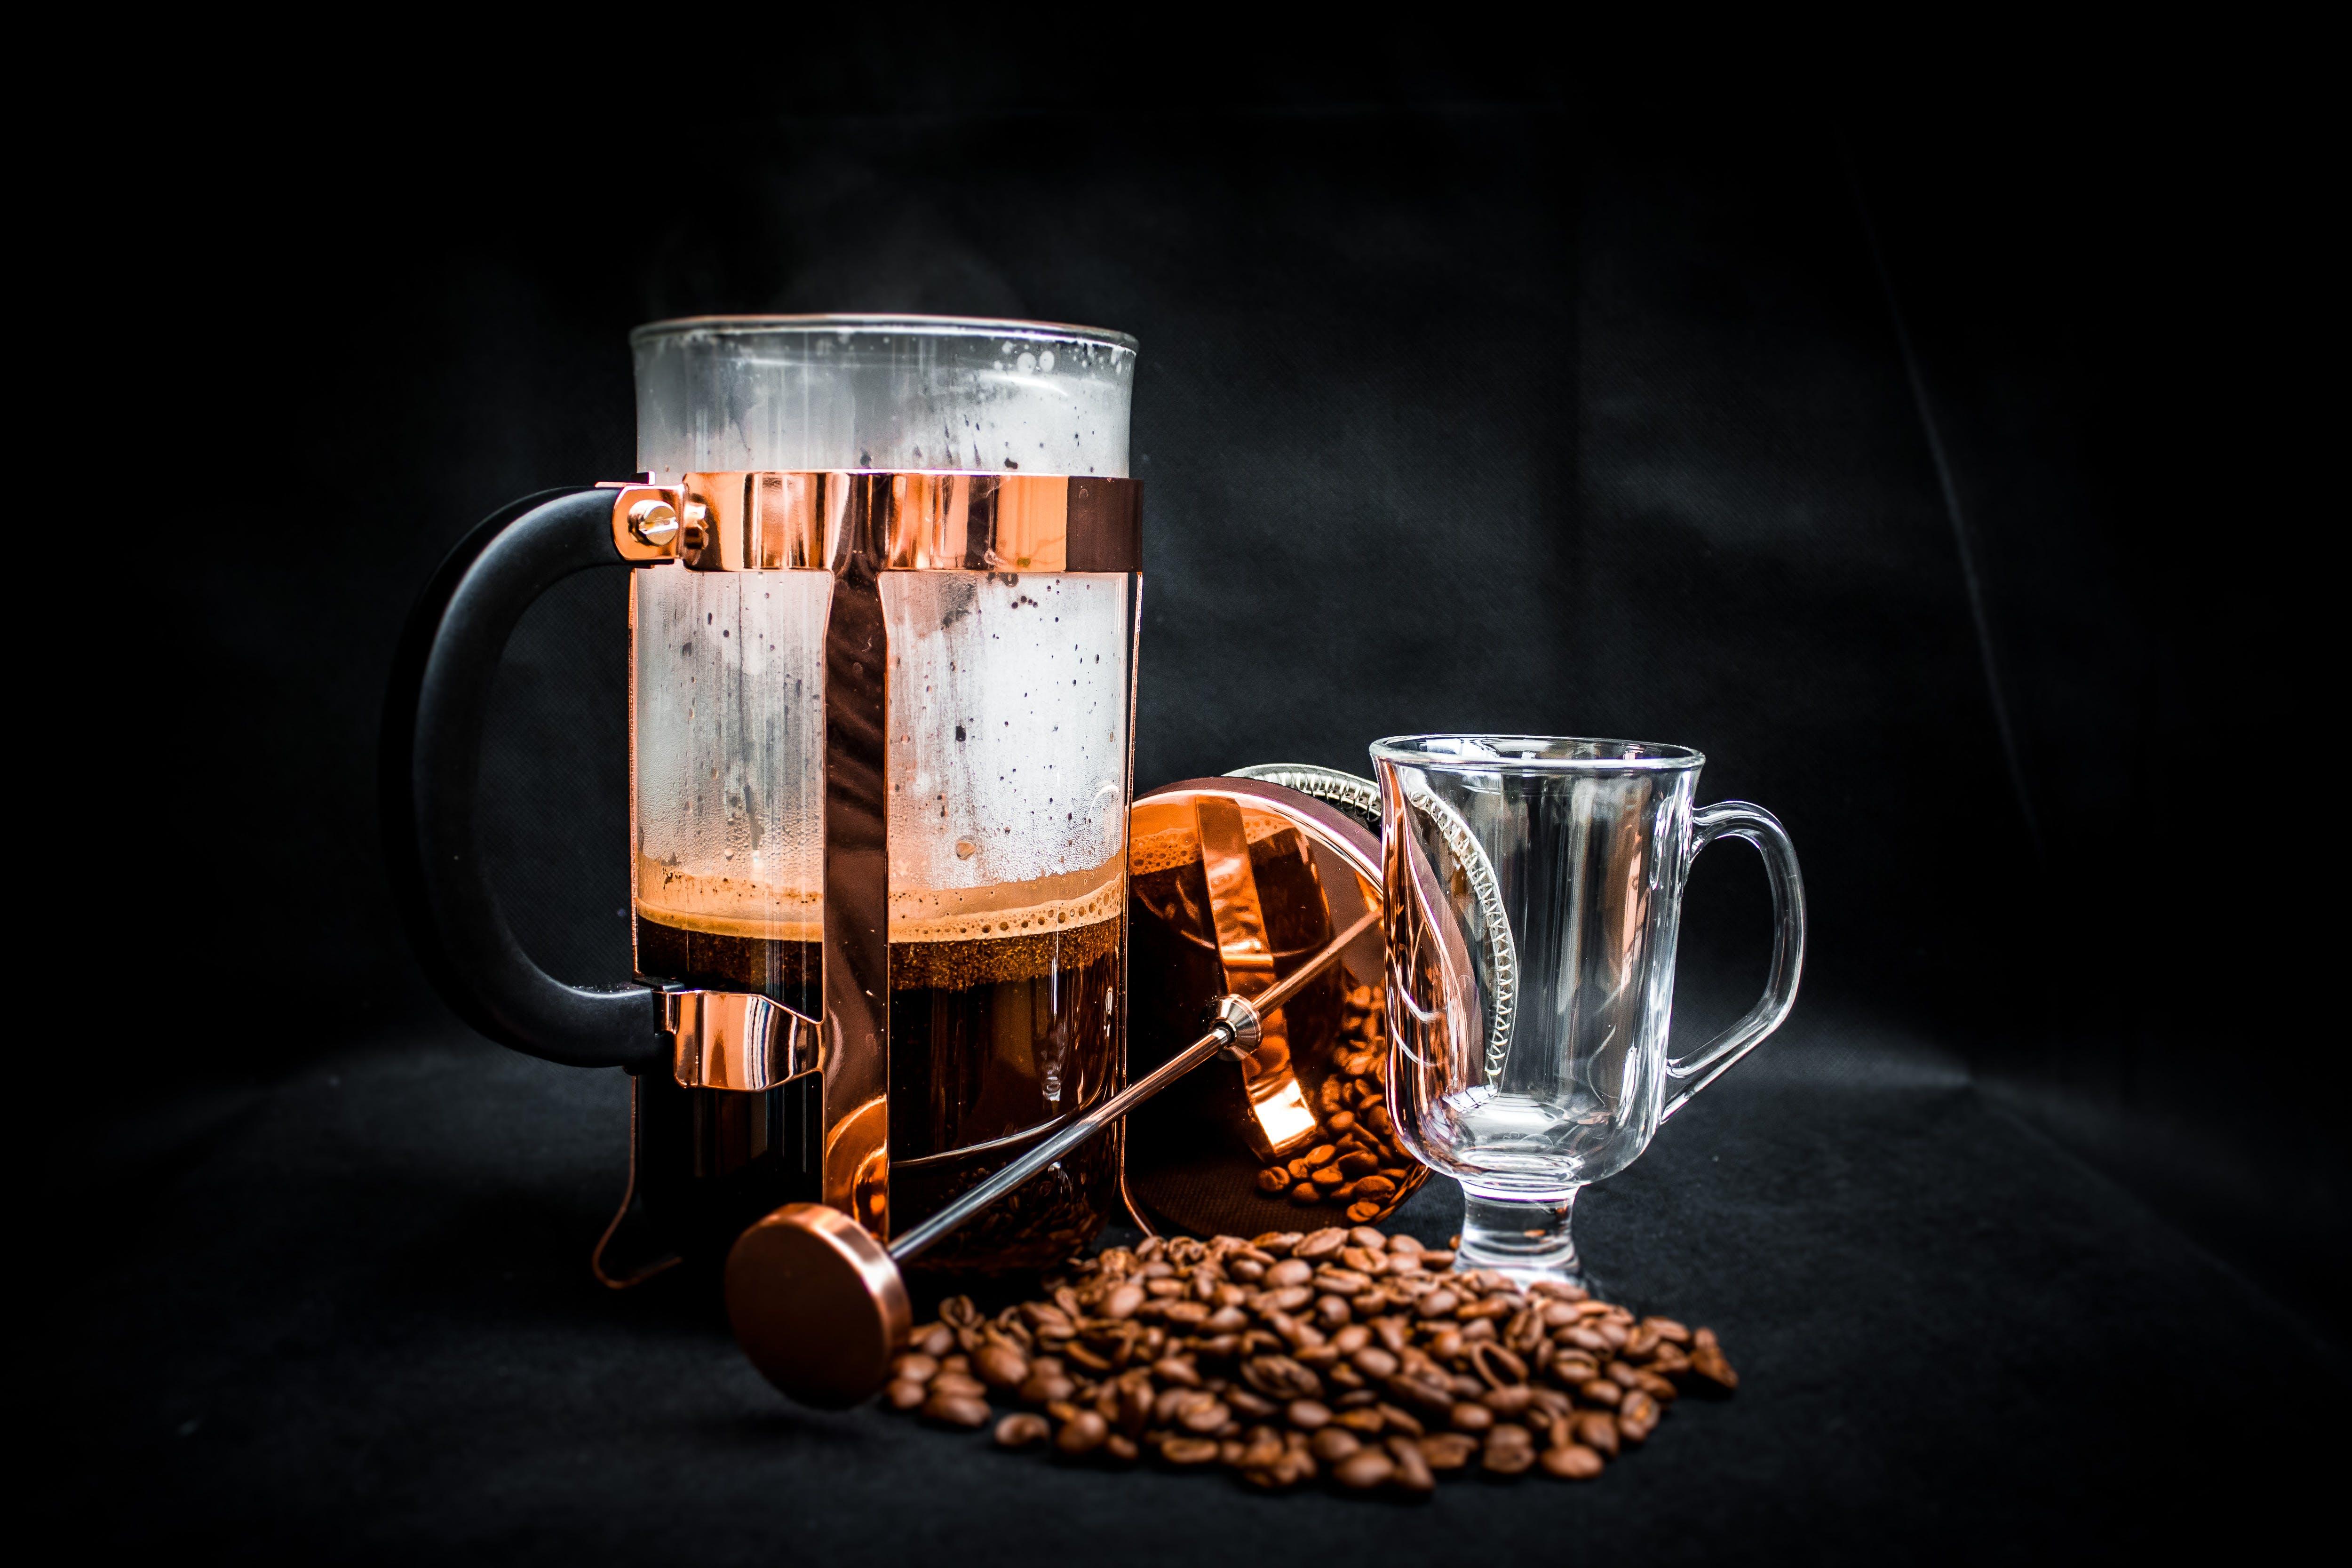 Kostenloses Stock Foto zu aromatisch, gebrühter kaffee, kaffee, kaffeebohnen